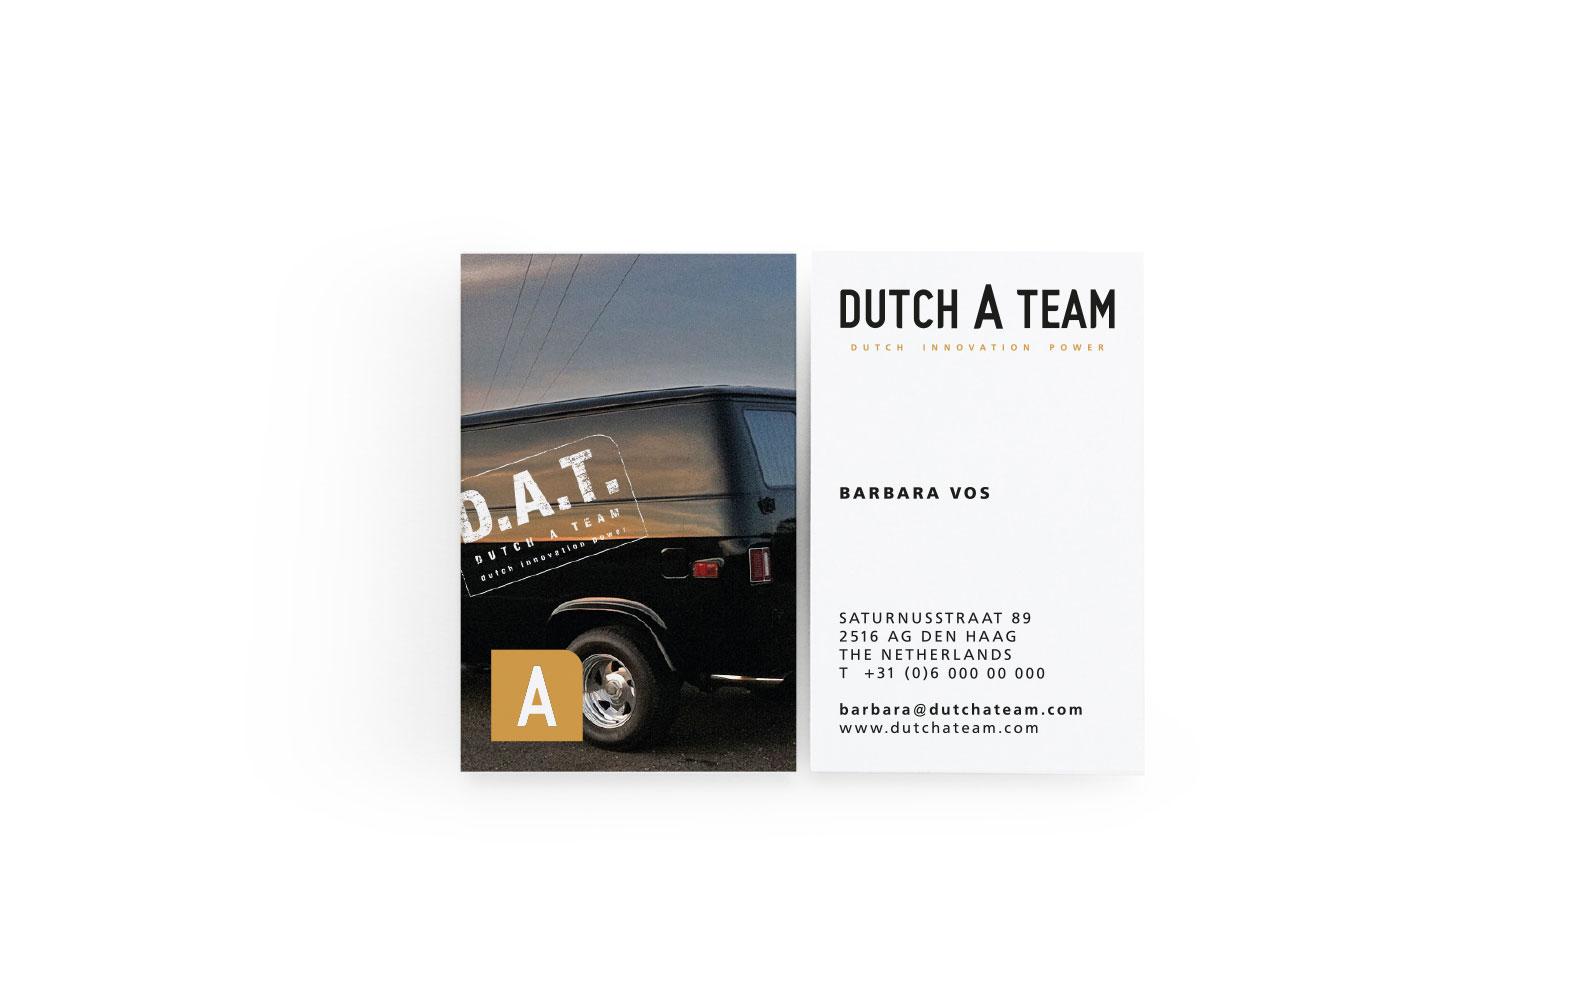 StudioErnst-DutchAteam6